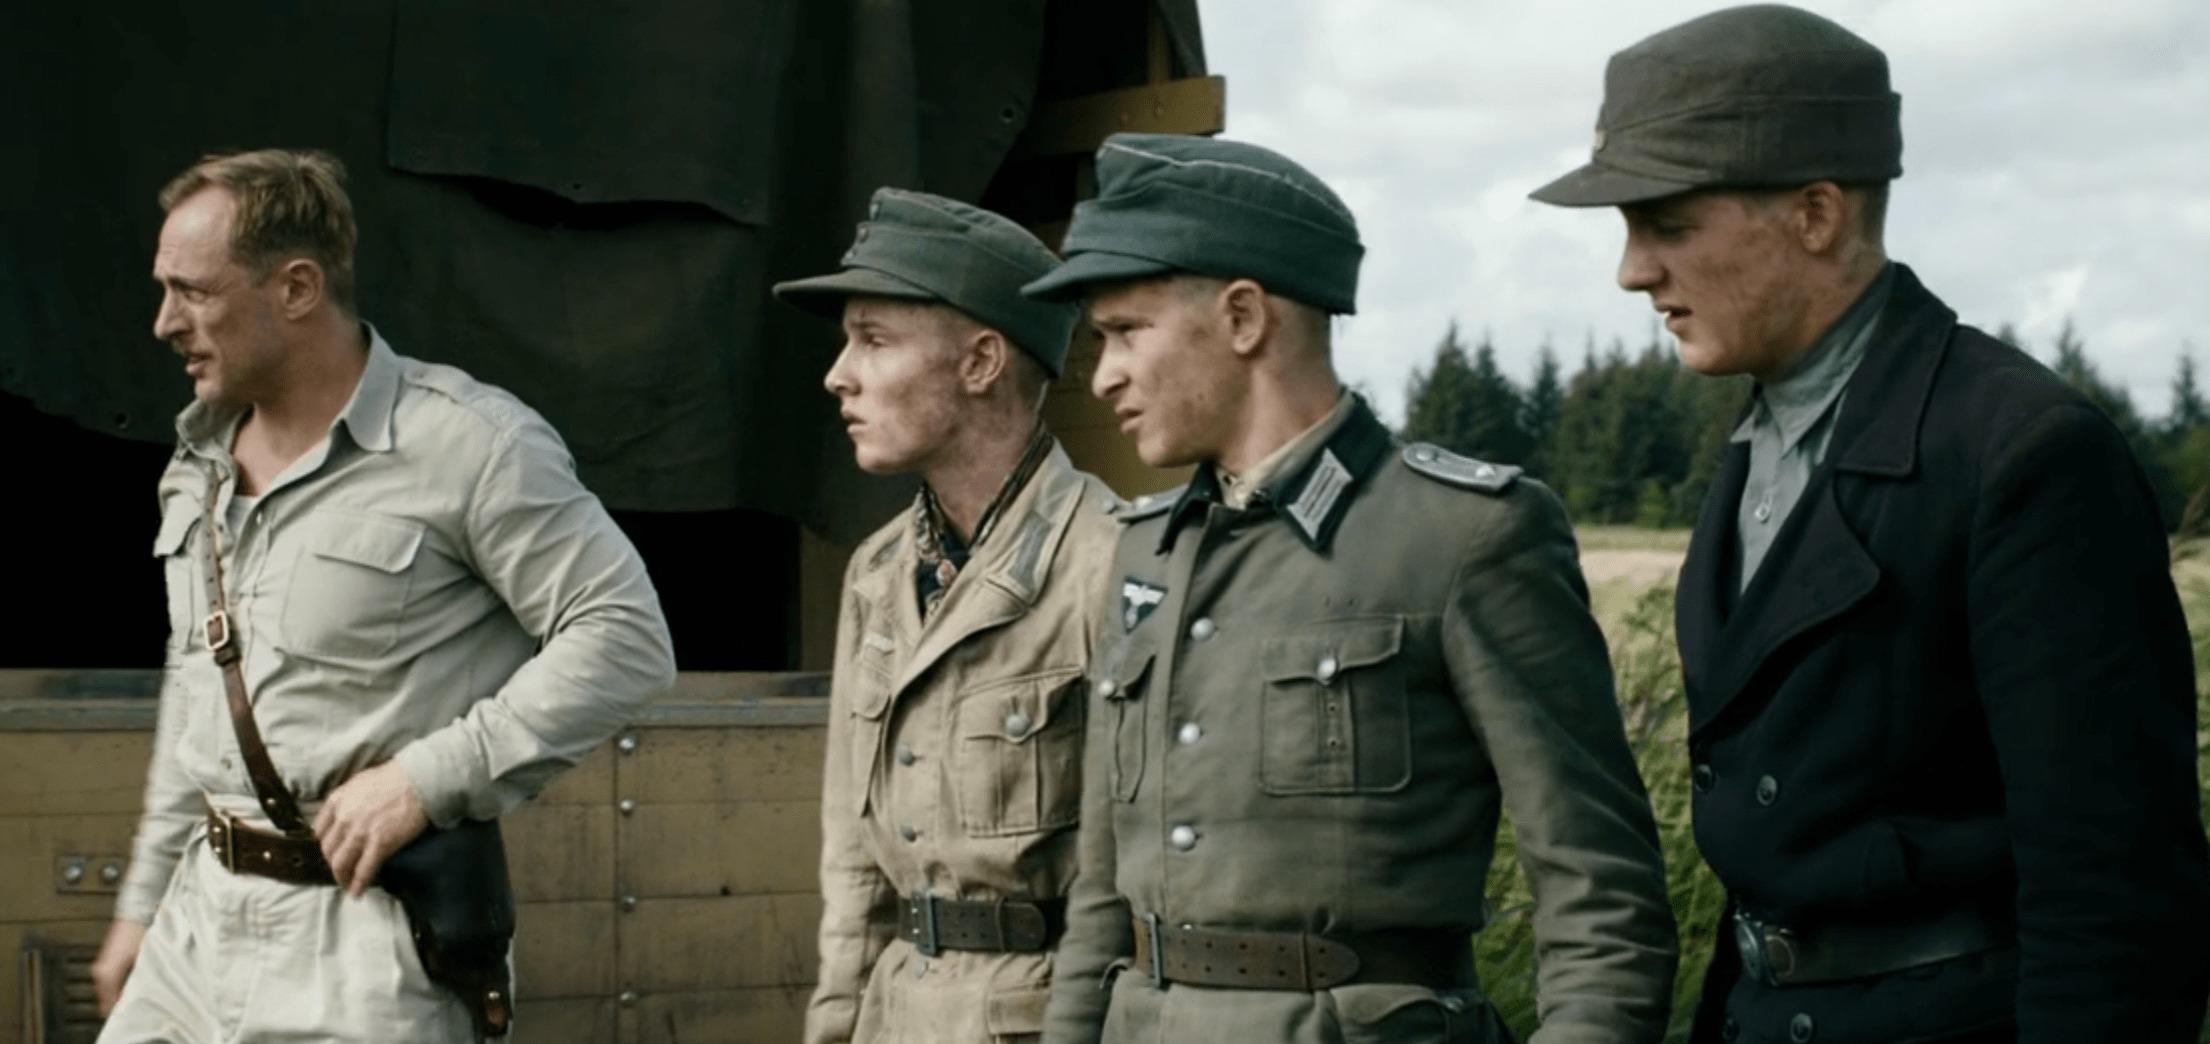 ヒトラーの忘れものを無料動画でネタバレ紹介する記事